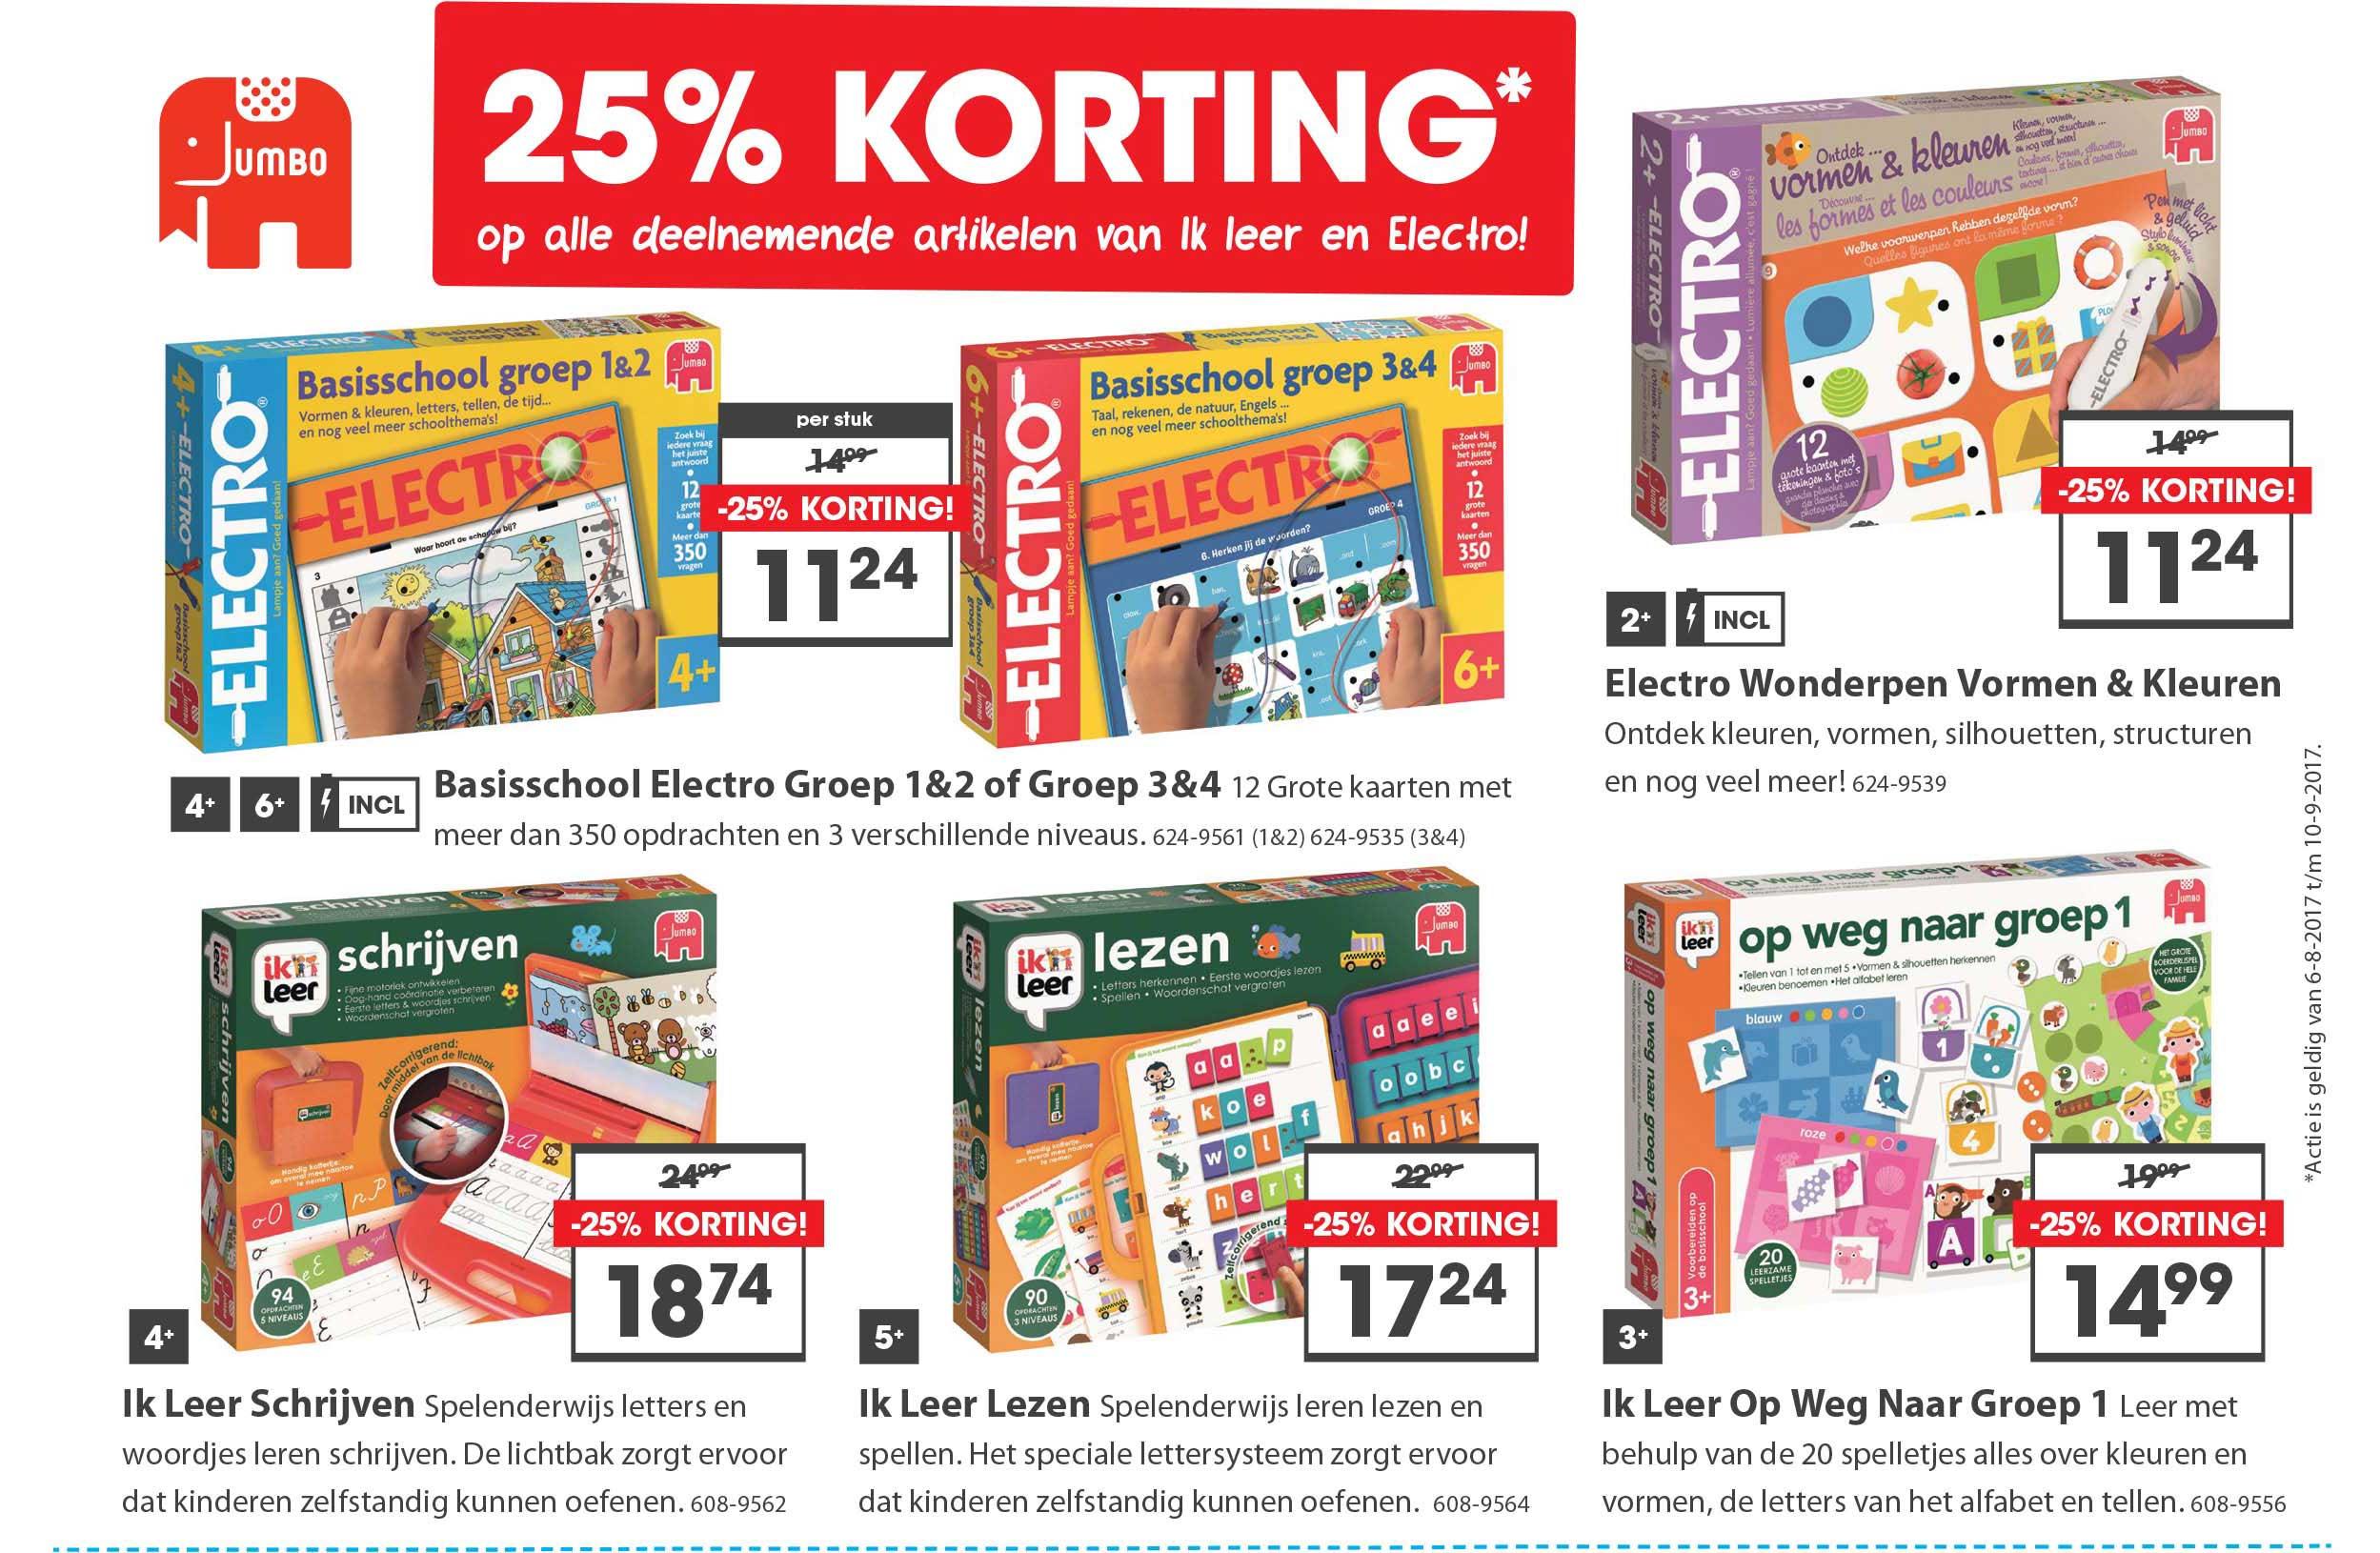 Top 1 Toys 25% Korting Op Alle Deelnemende Artikelen Van Ik Leer En Electro!